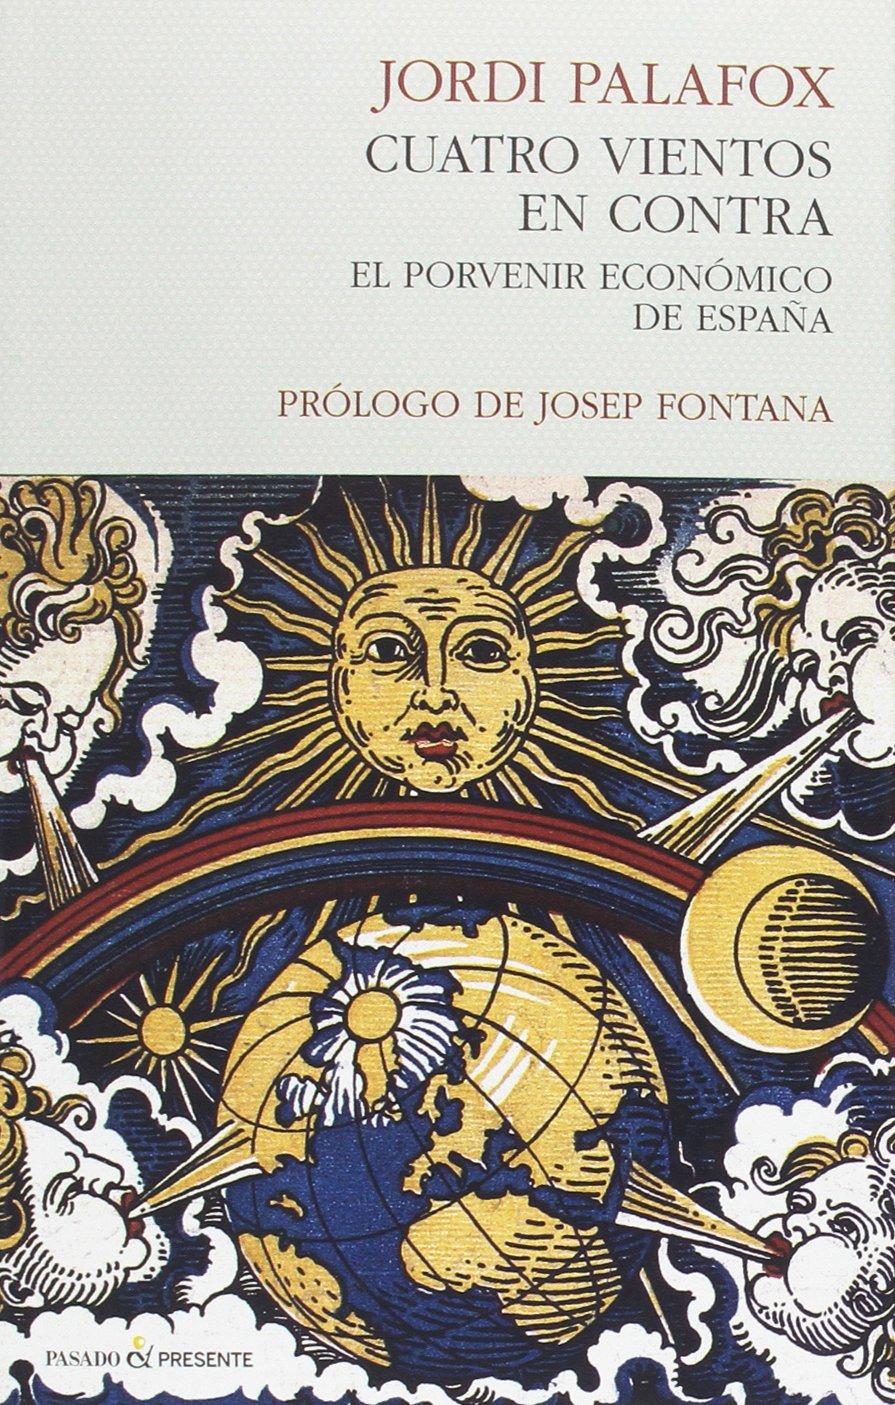 Cuatro vientos en contra: El porvenir económico de España ENSAYO: Amazon.es: Palafox, Jordi: Libros